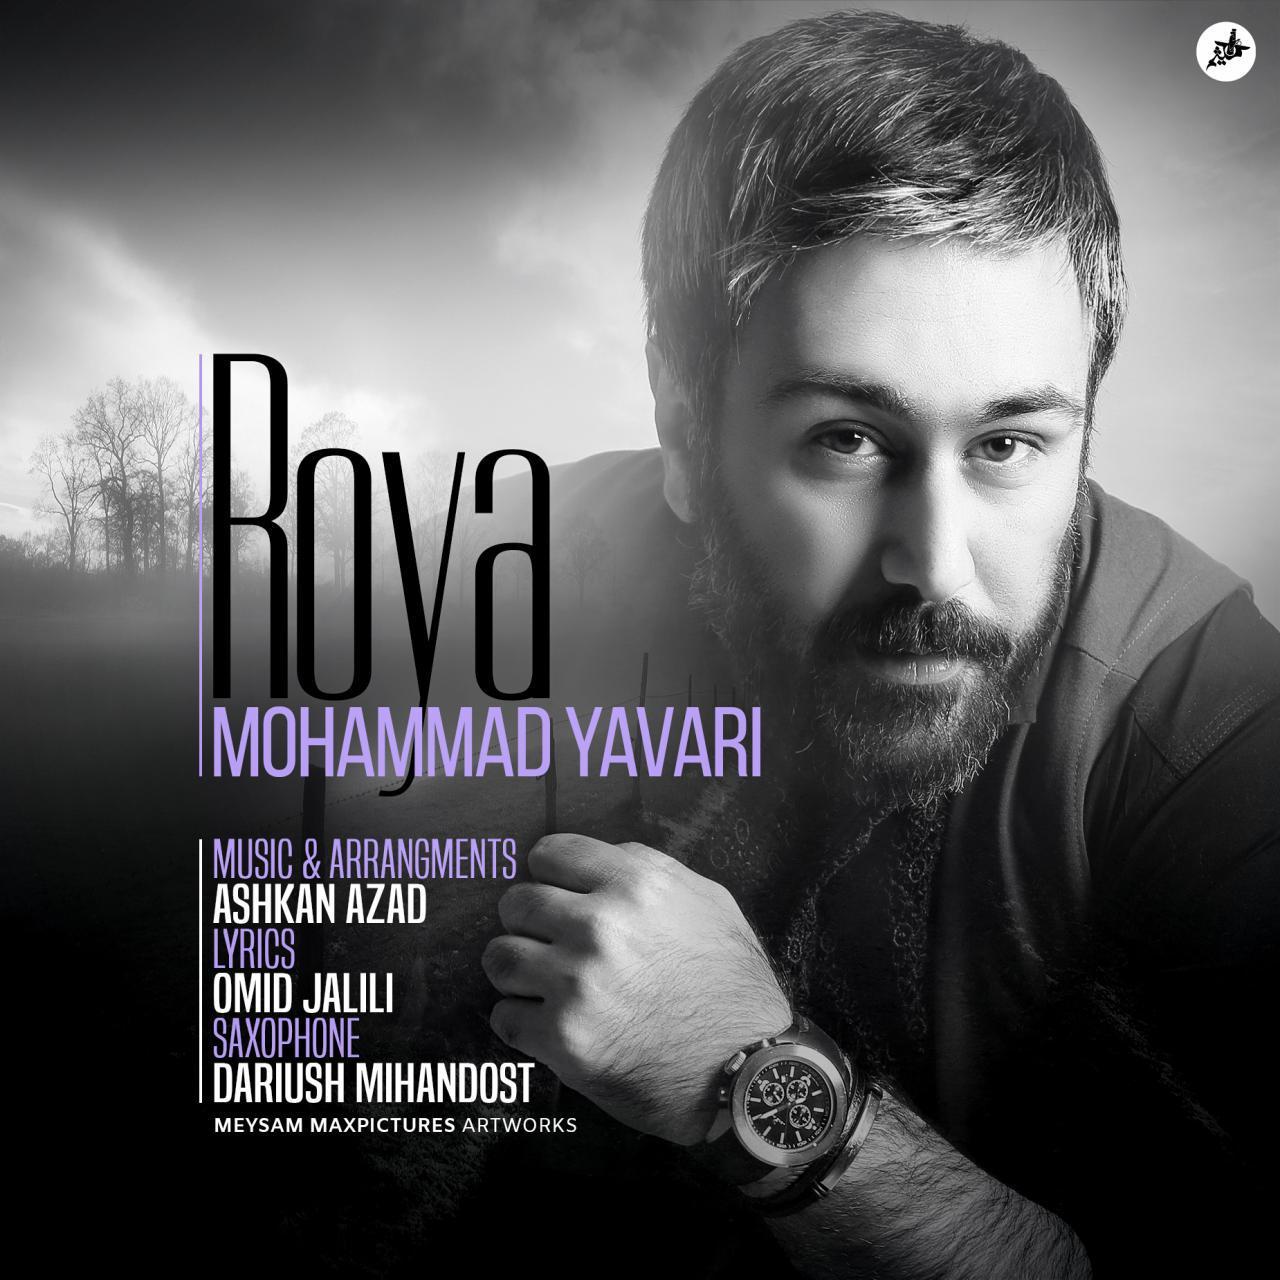 دانلود اهنگ جدید و زیبای محمد یاوری به نام رویا